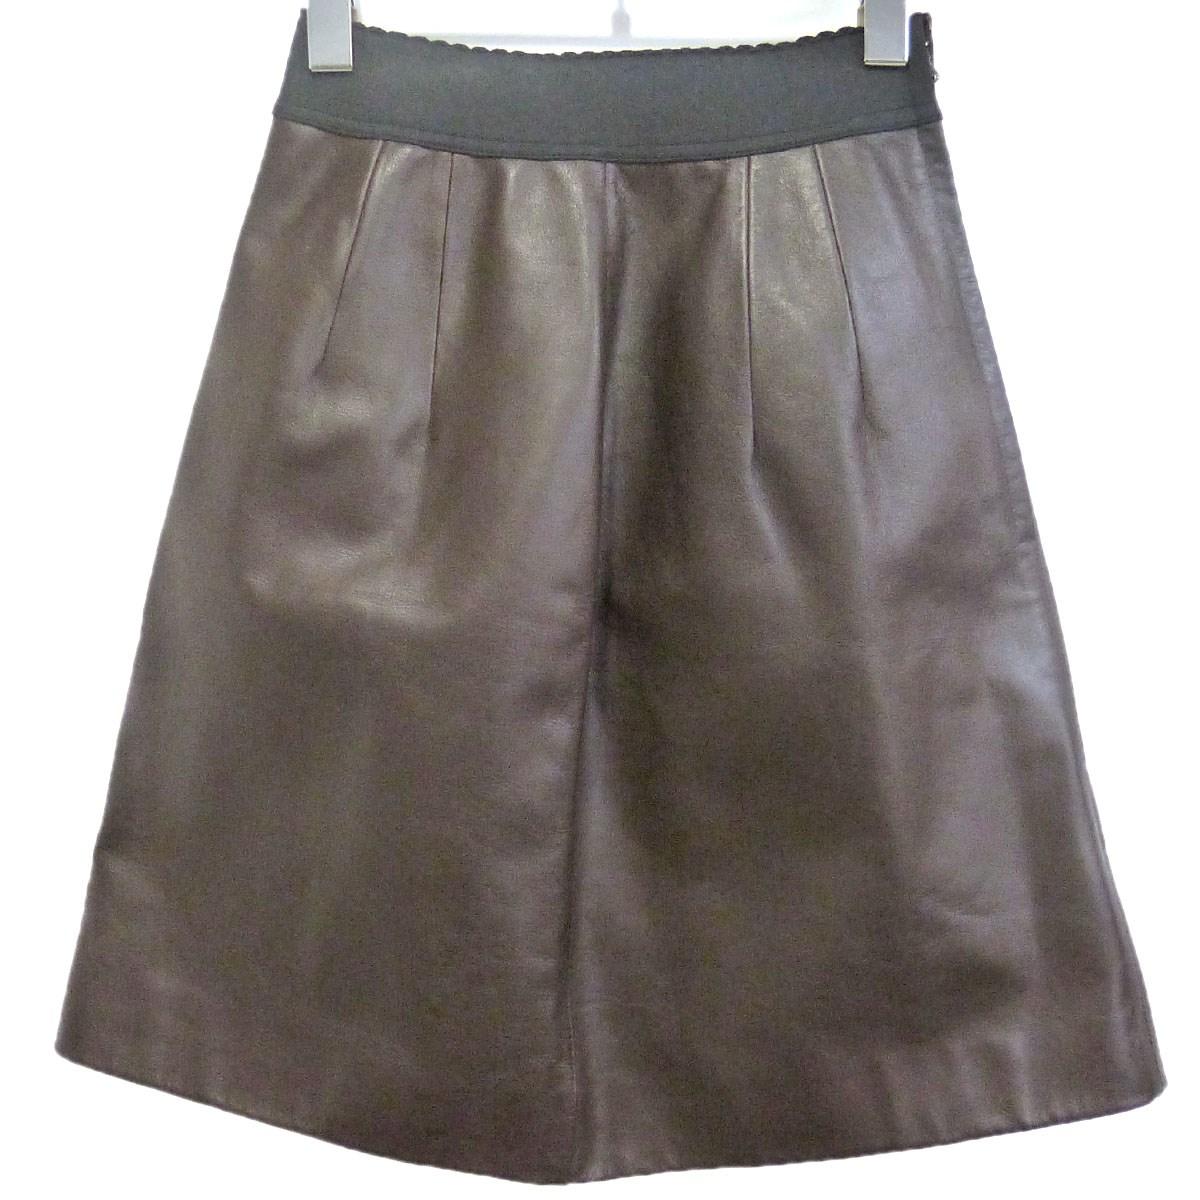 【中古】DOLCE&GABBANAレザースカート ブラウン サイズ:40